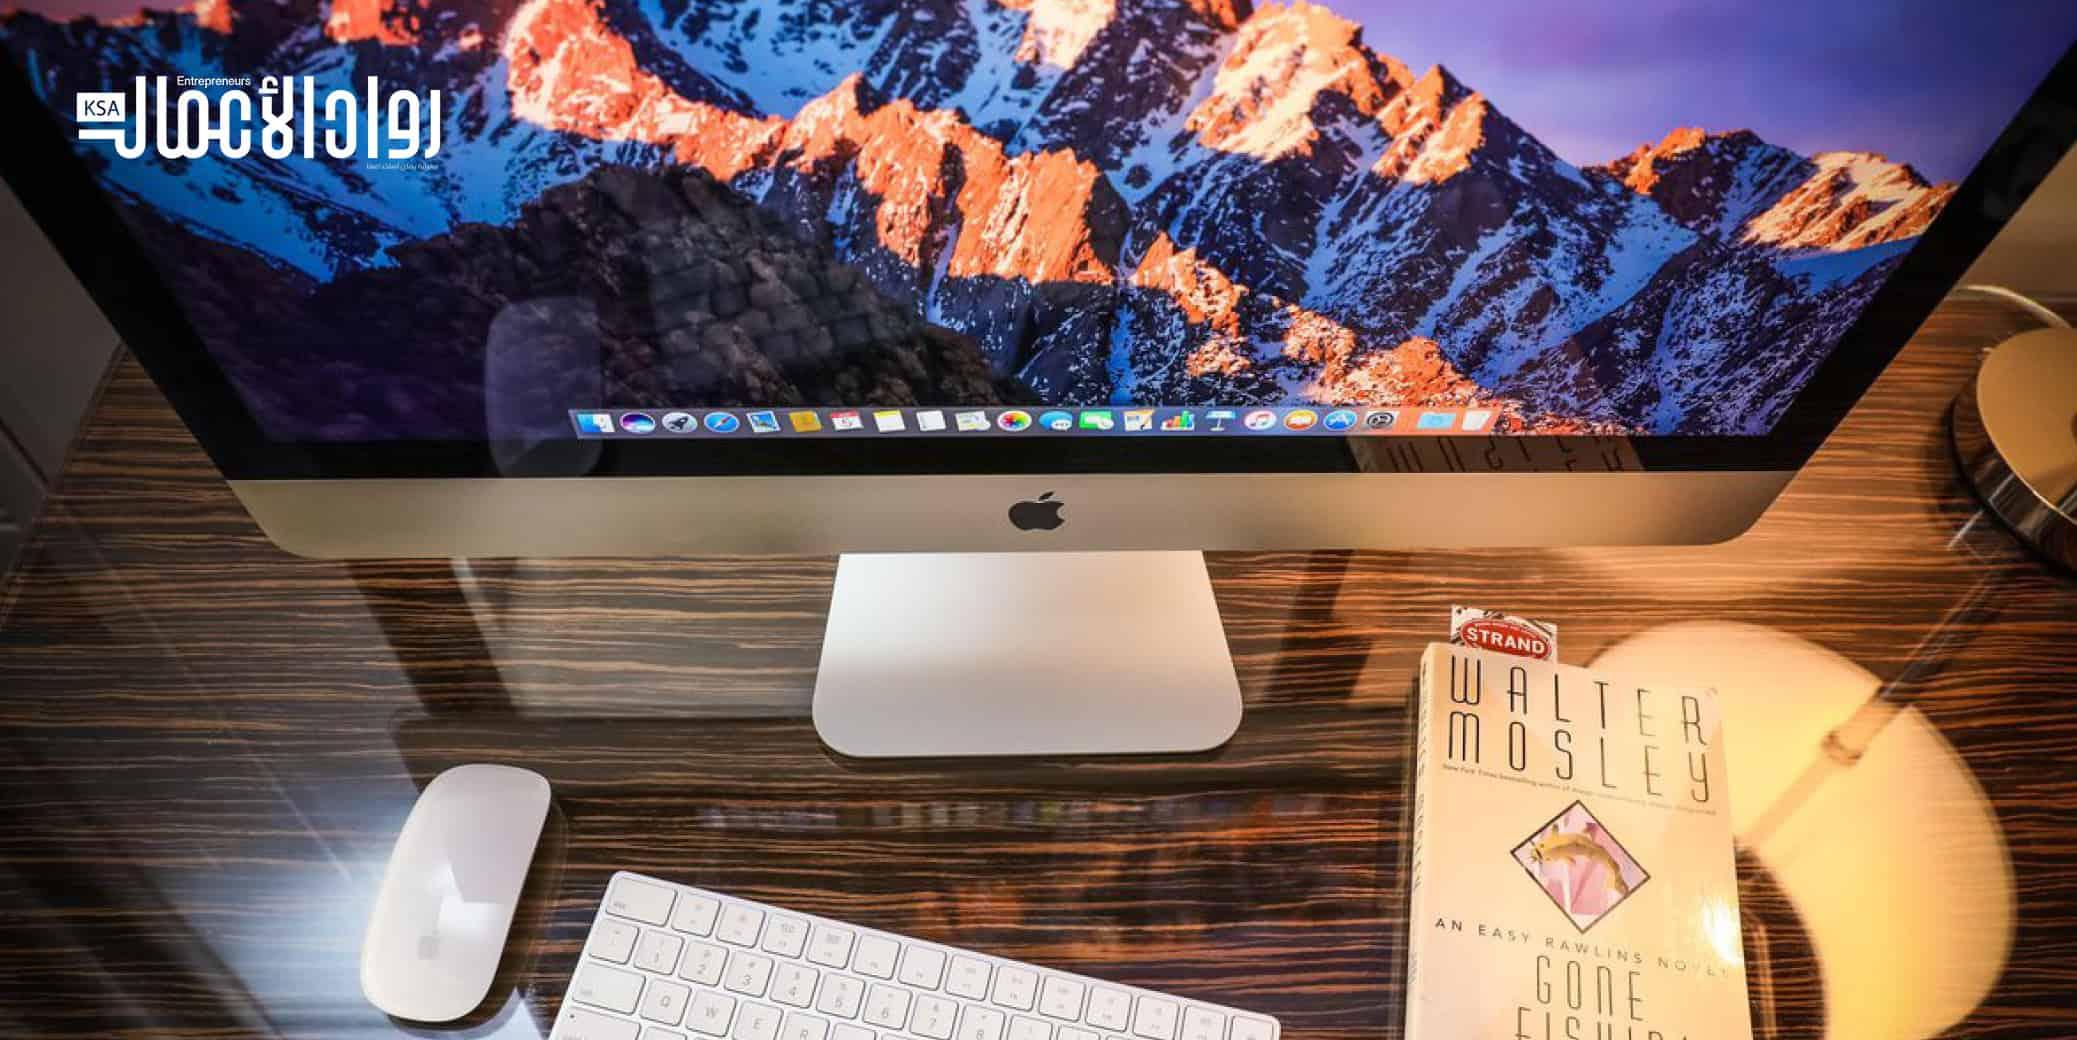 iMac 27 inch 5k